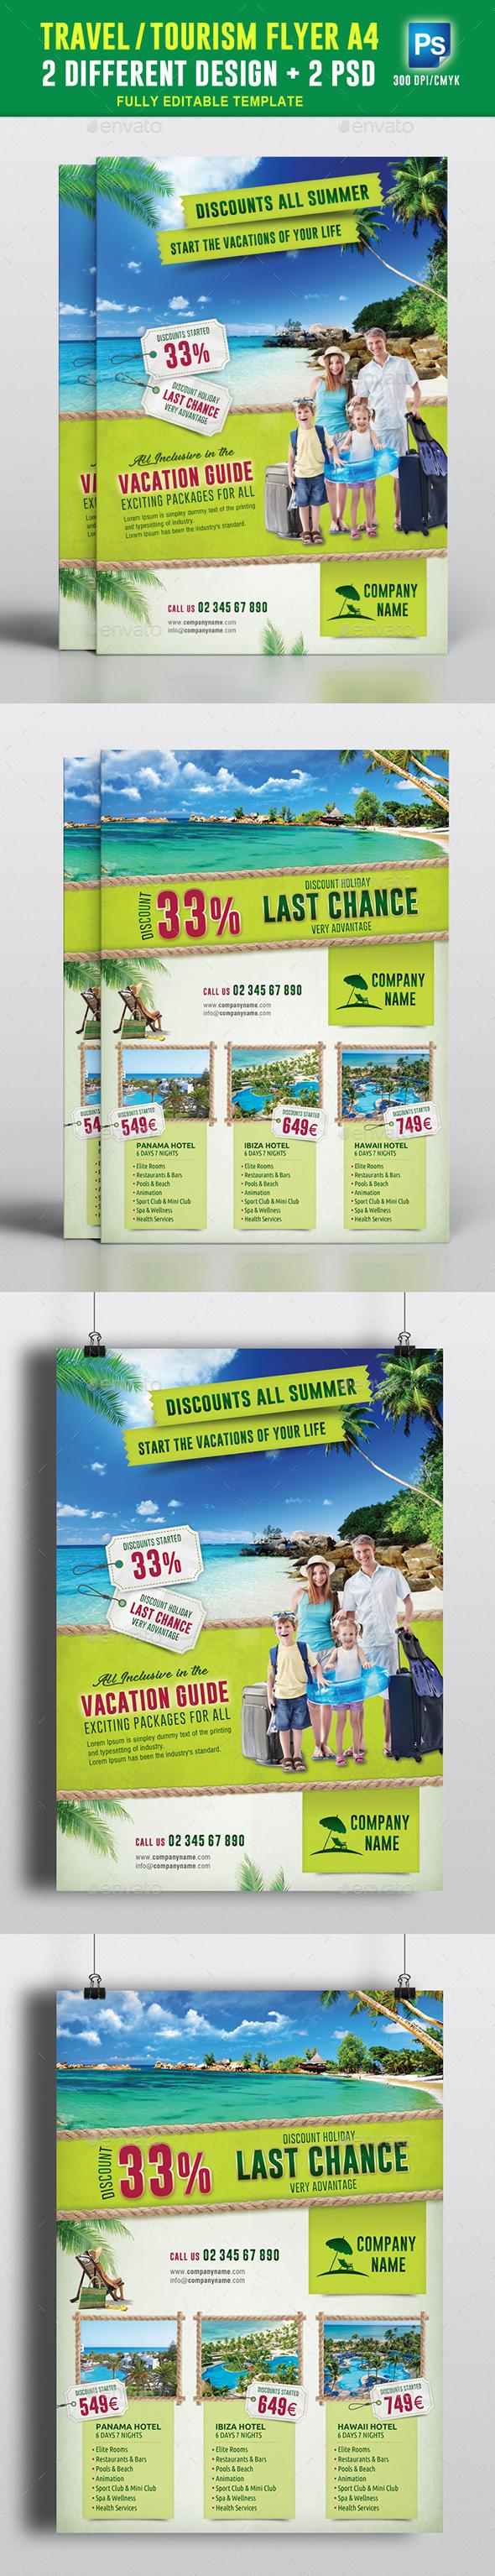 Travel & Tourism Flyer Vol 01 - Commerce Flyers